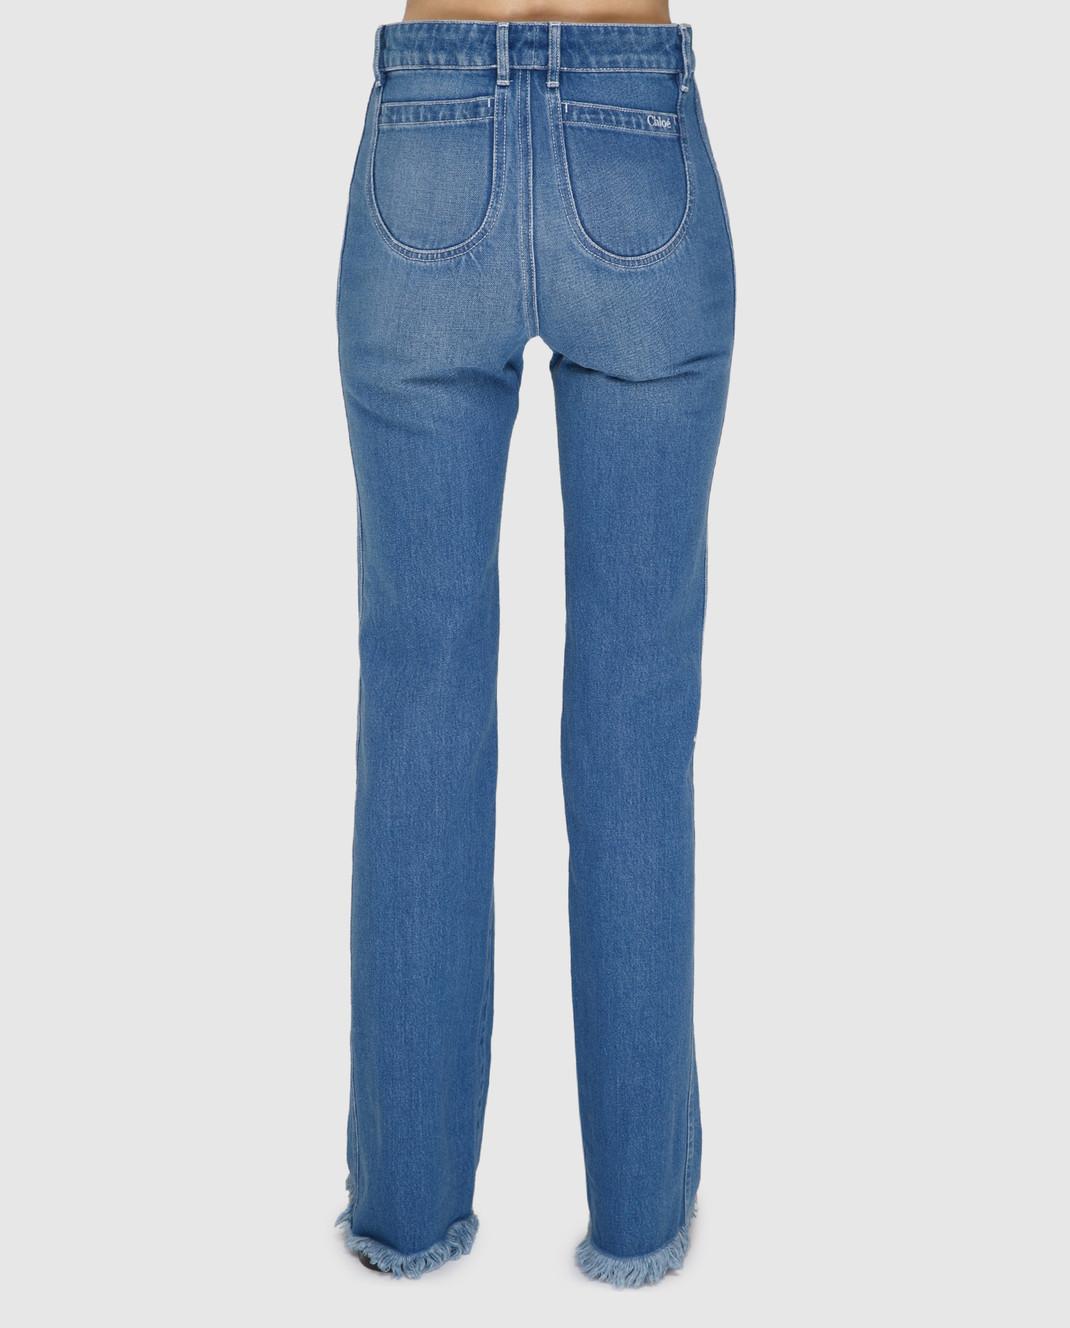 Chloe Голубые джинсы изображение 4